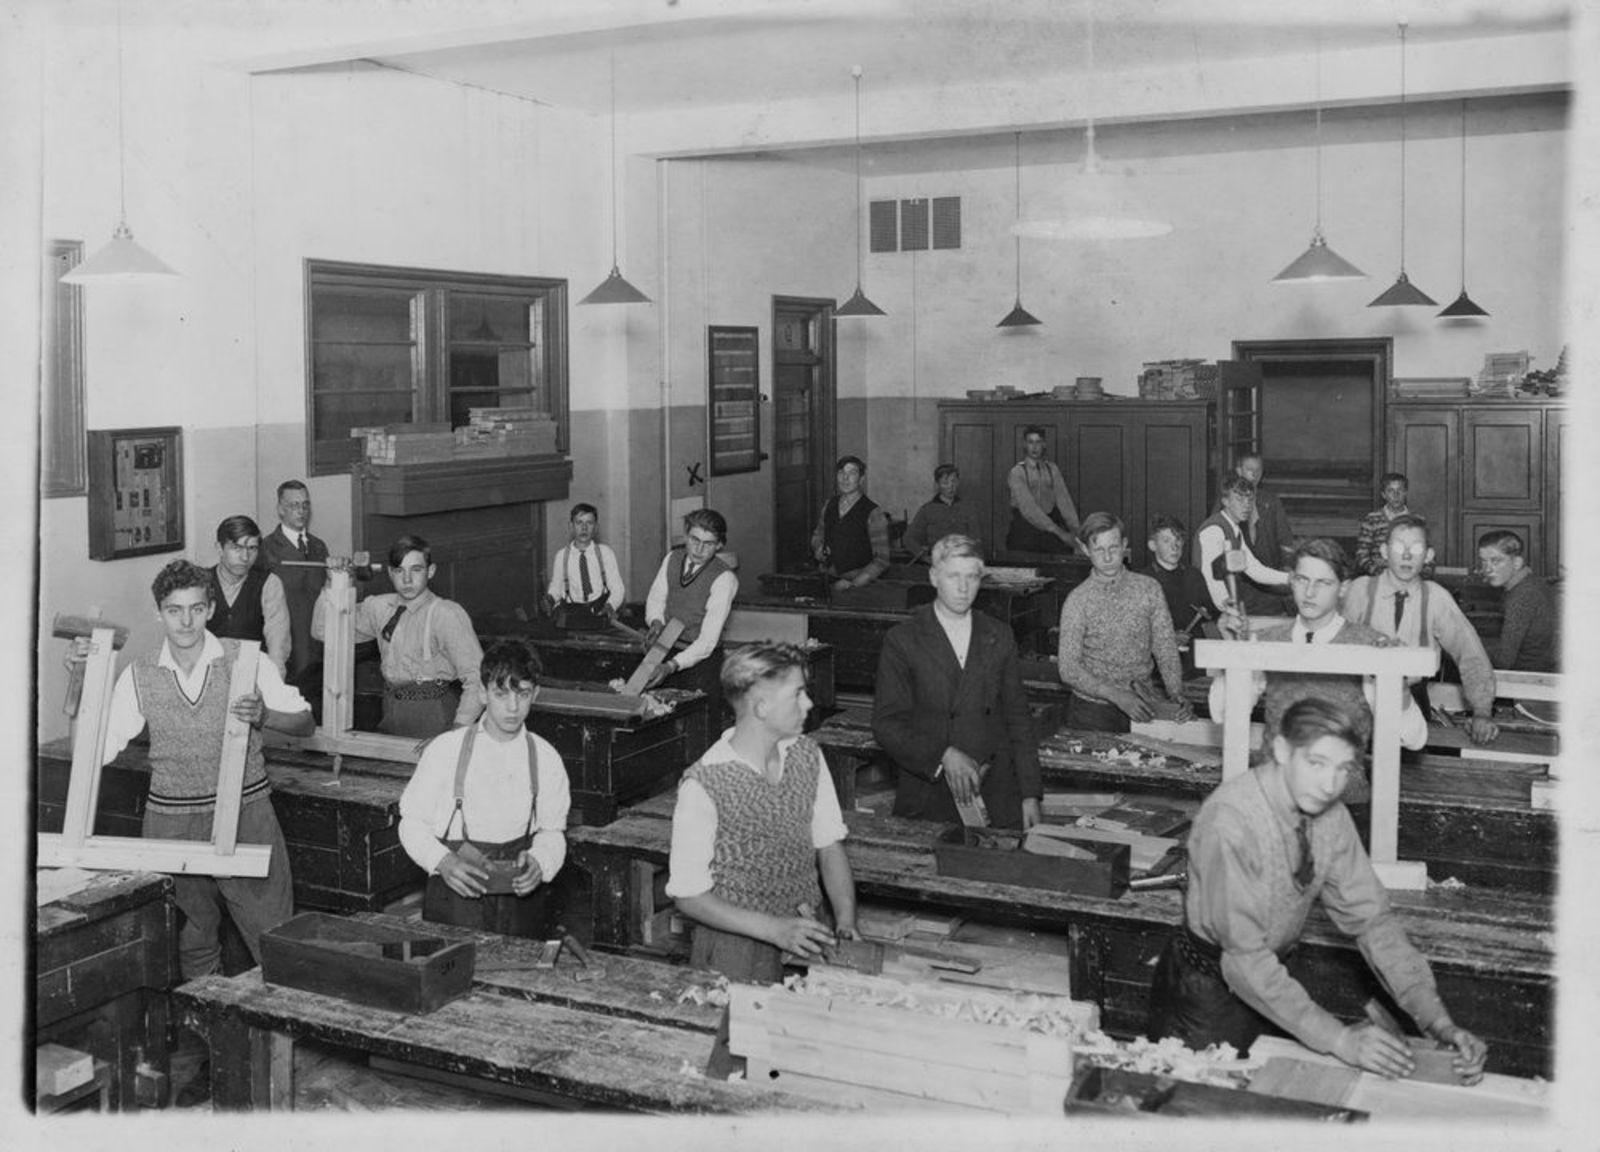 Ouden Jan J 1918 1933 op Ambachtschool in Amsterdam